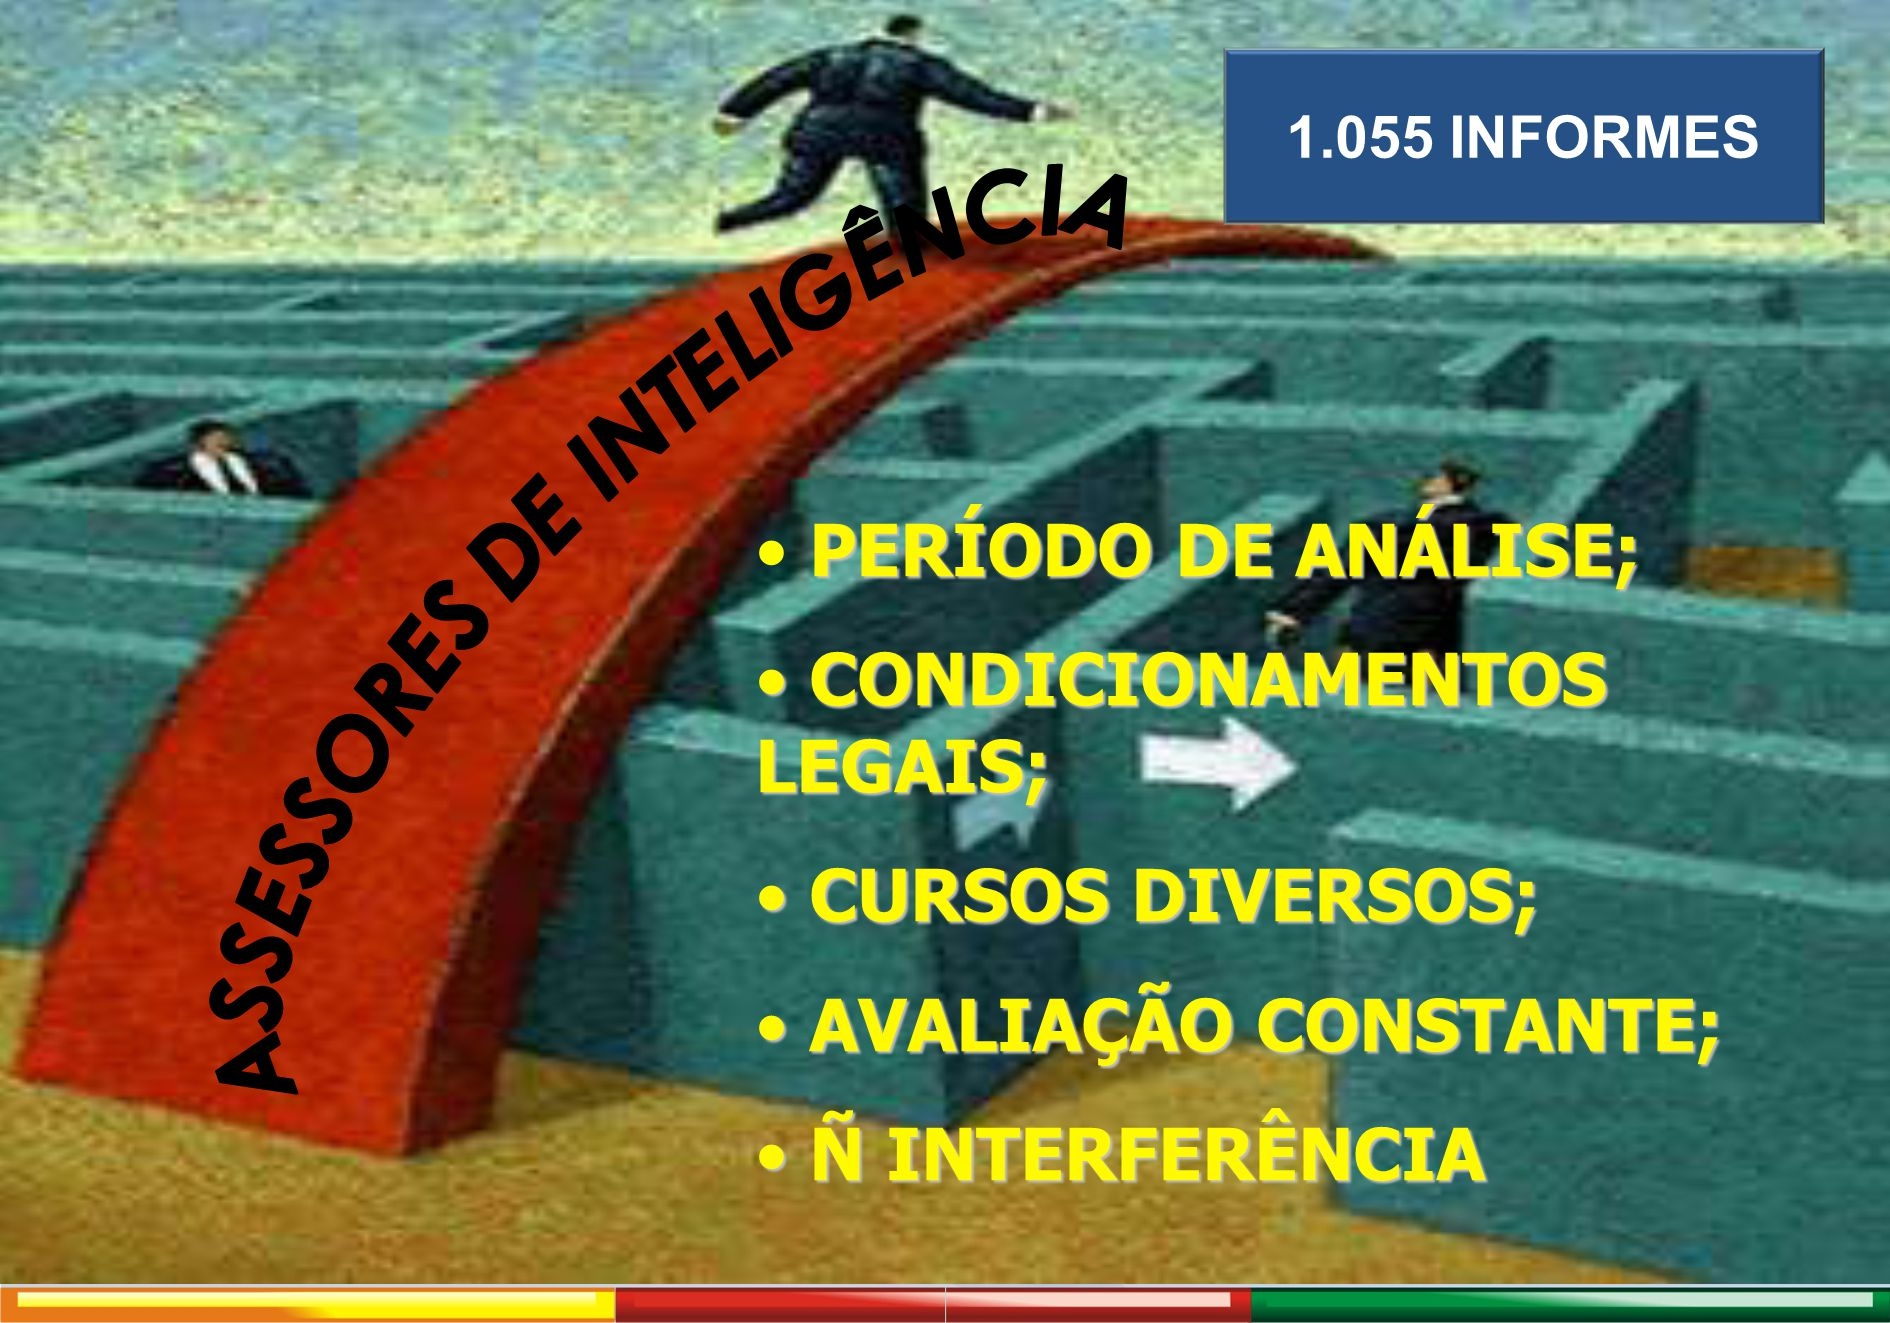 PERÍODO DE ANÁLISE; CONDICIONAMENTOS LEGAIS; CONDICIONAMENTOS LEGAIS; CURSOS DIVERSOS; CURSOS DIVERSOS; AVALIAÇÃO CONSTANTE; AVALIAÇÃO CONSTANTE; Ñ IN